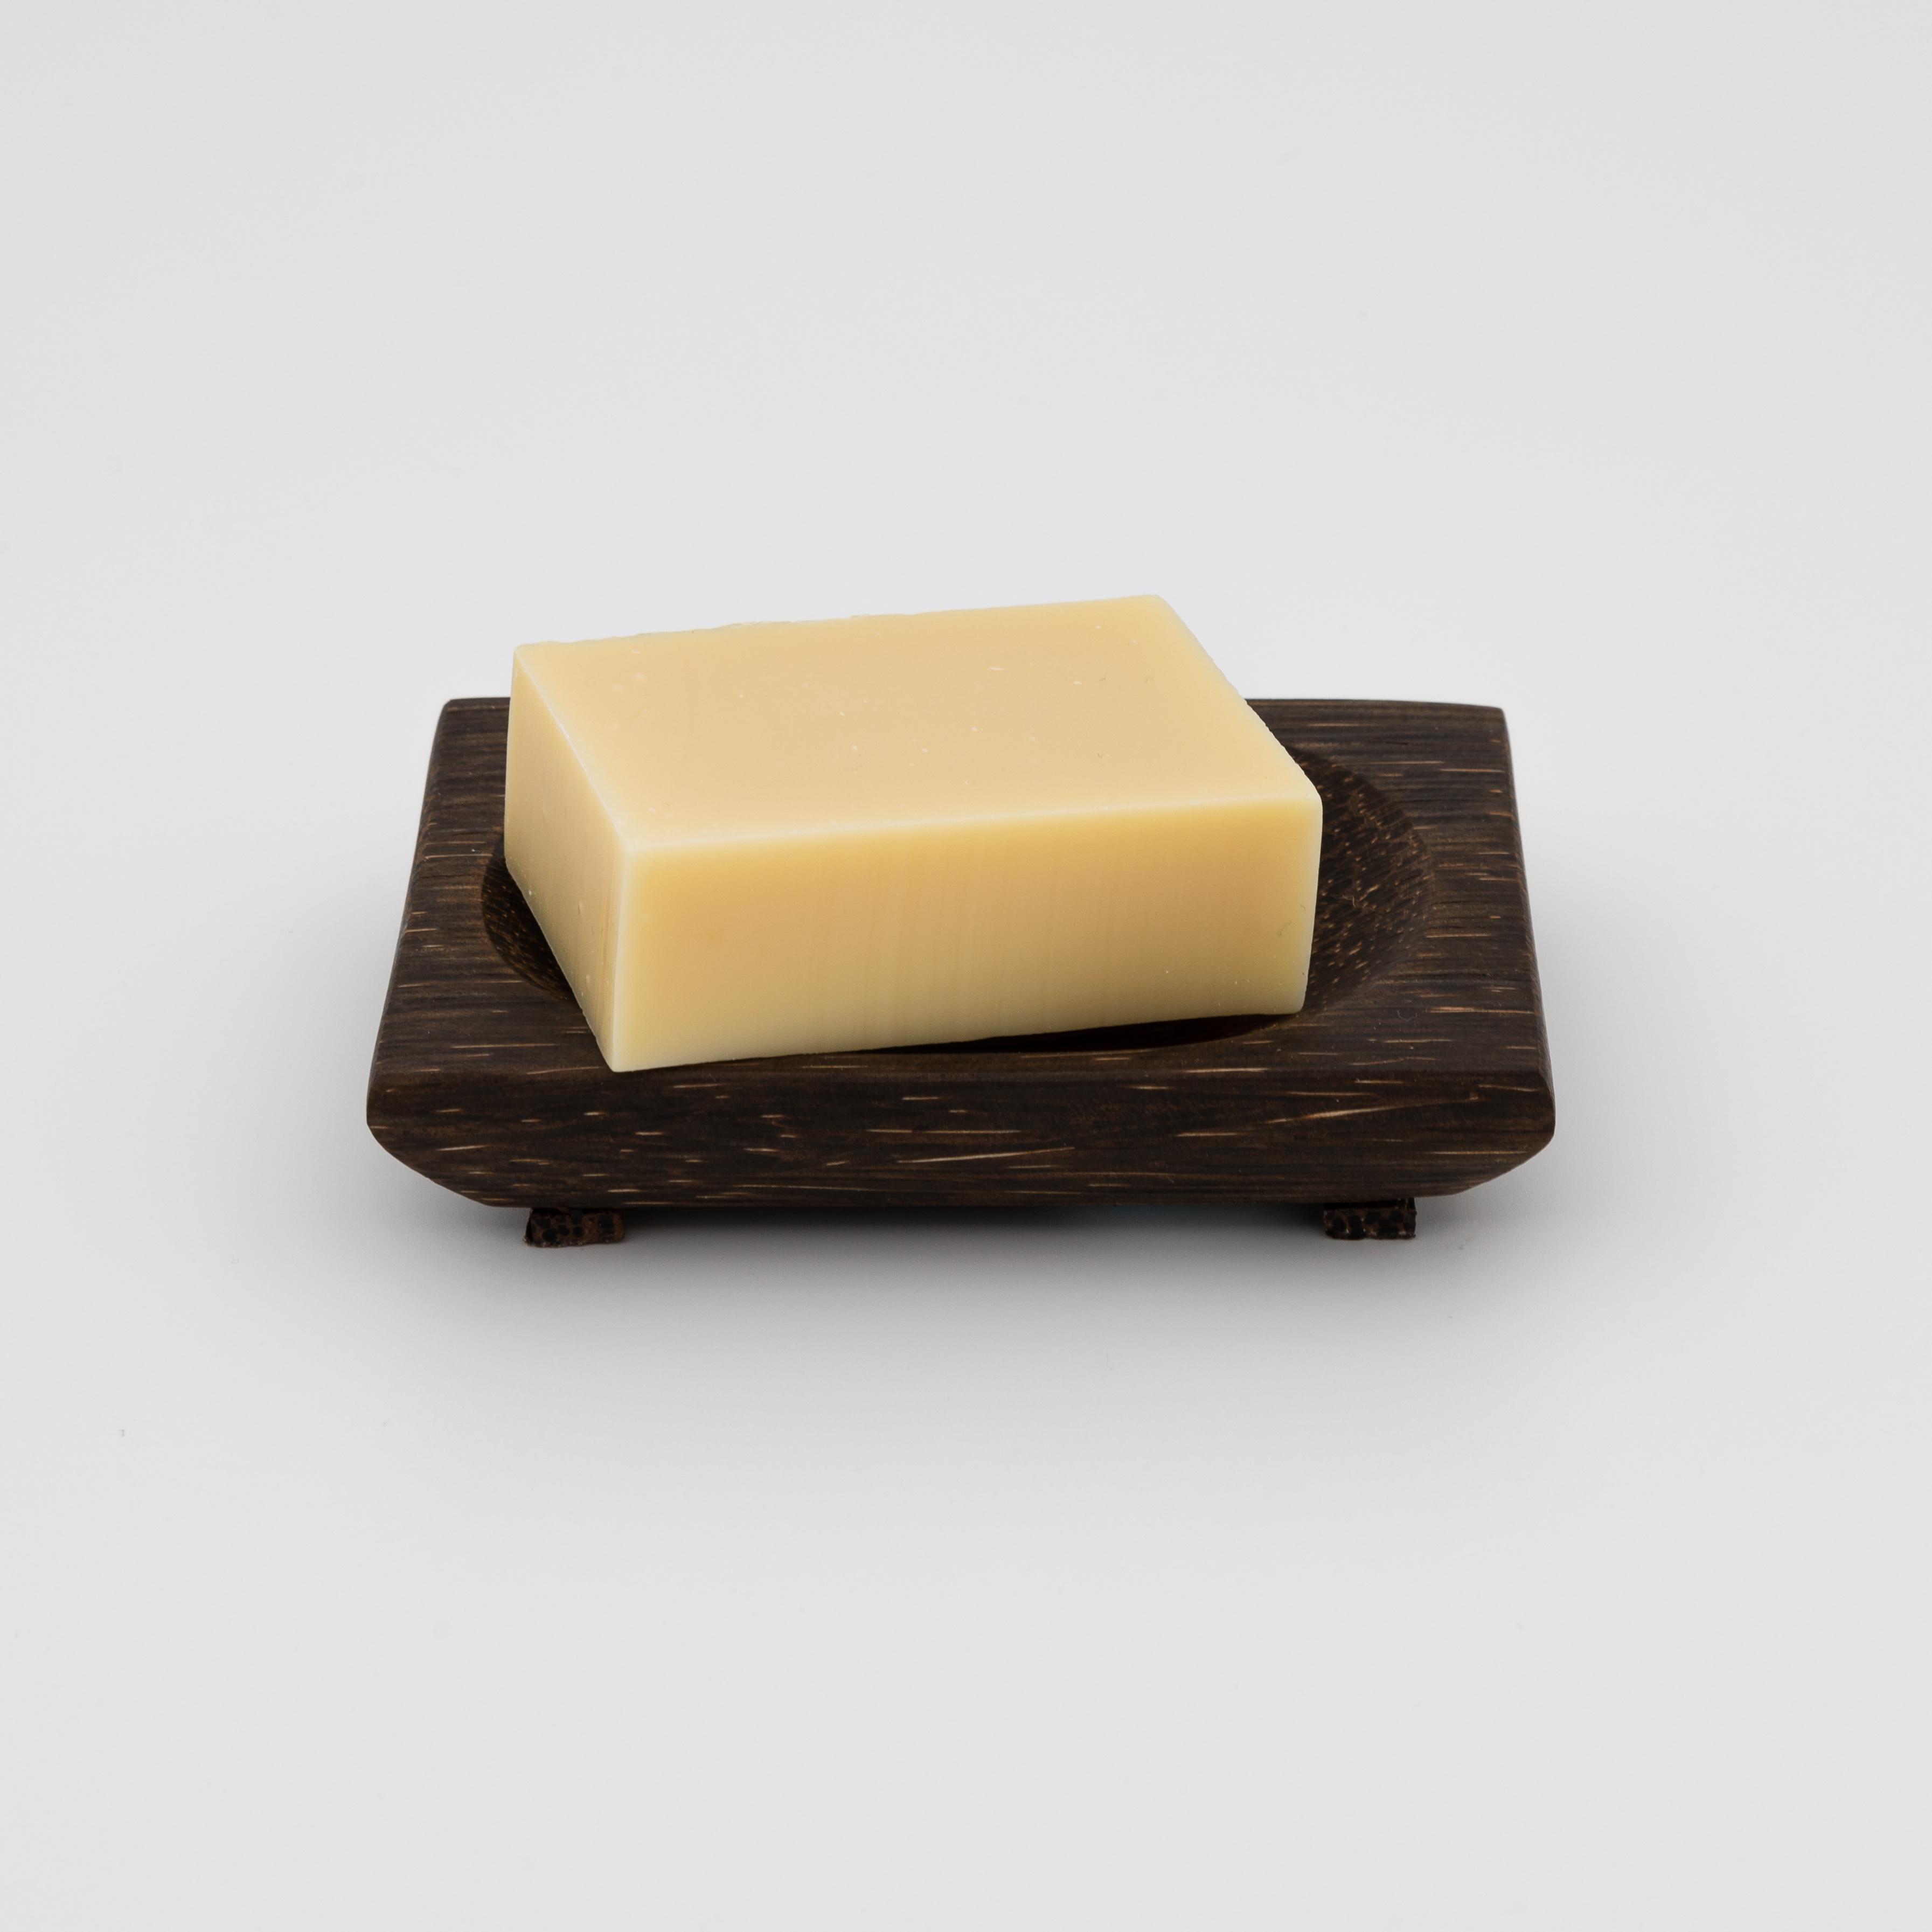 Seifenschale aus dunklem Holz mit Seife drin.